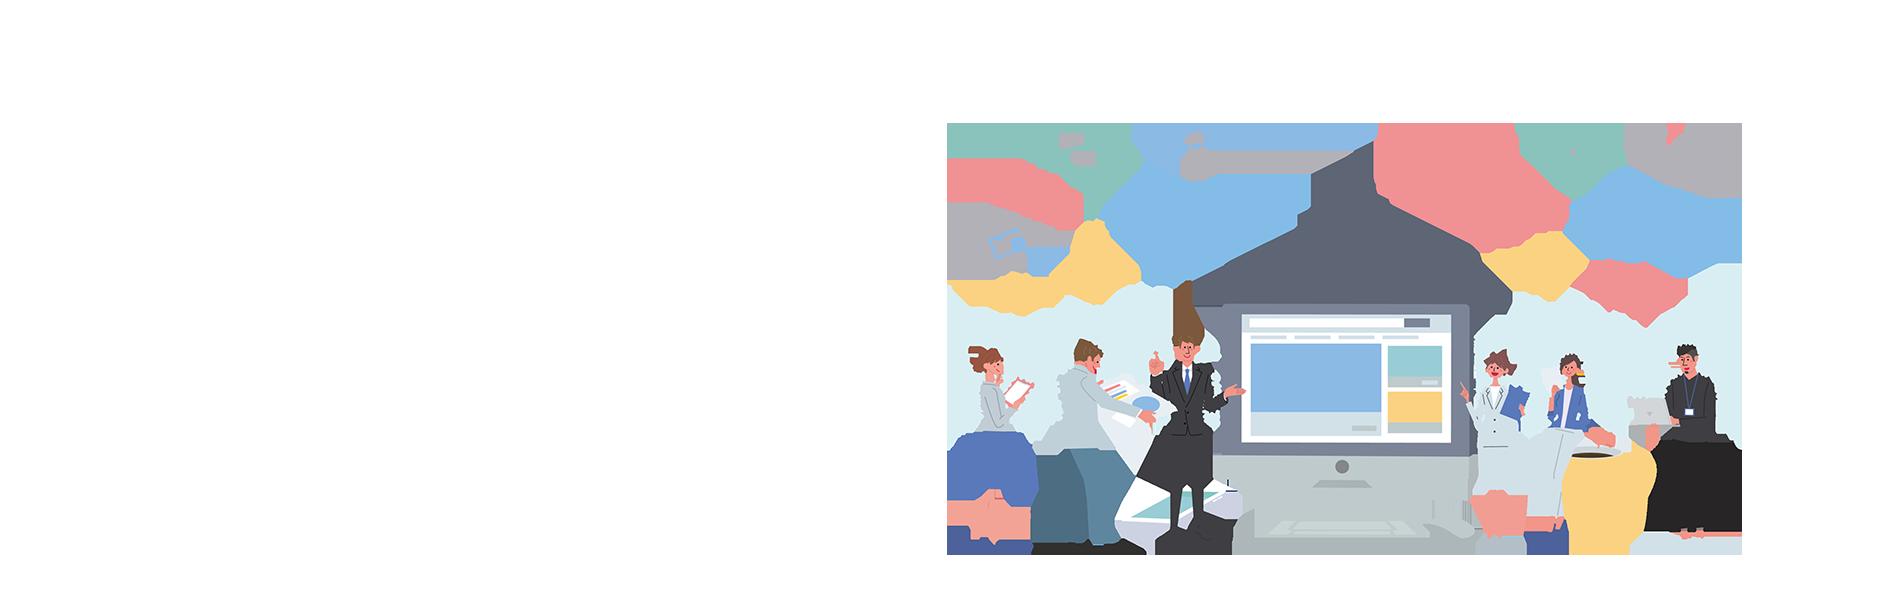 中小企業の情報共有ならHAKOIRE